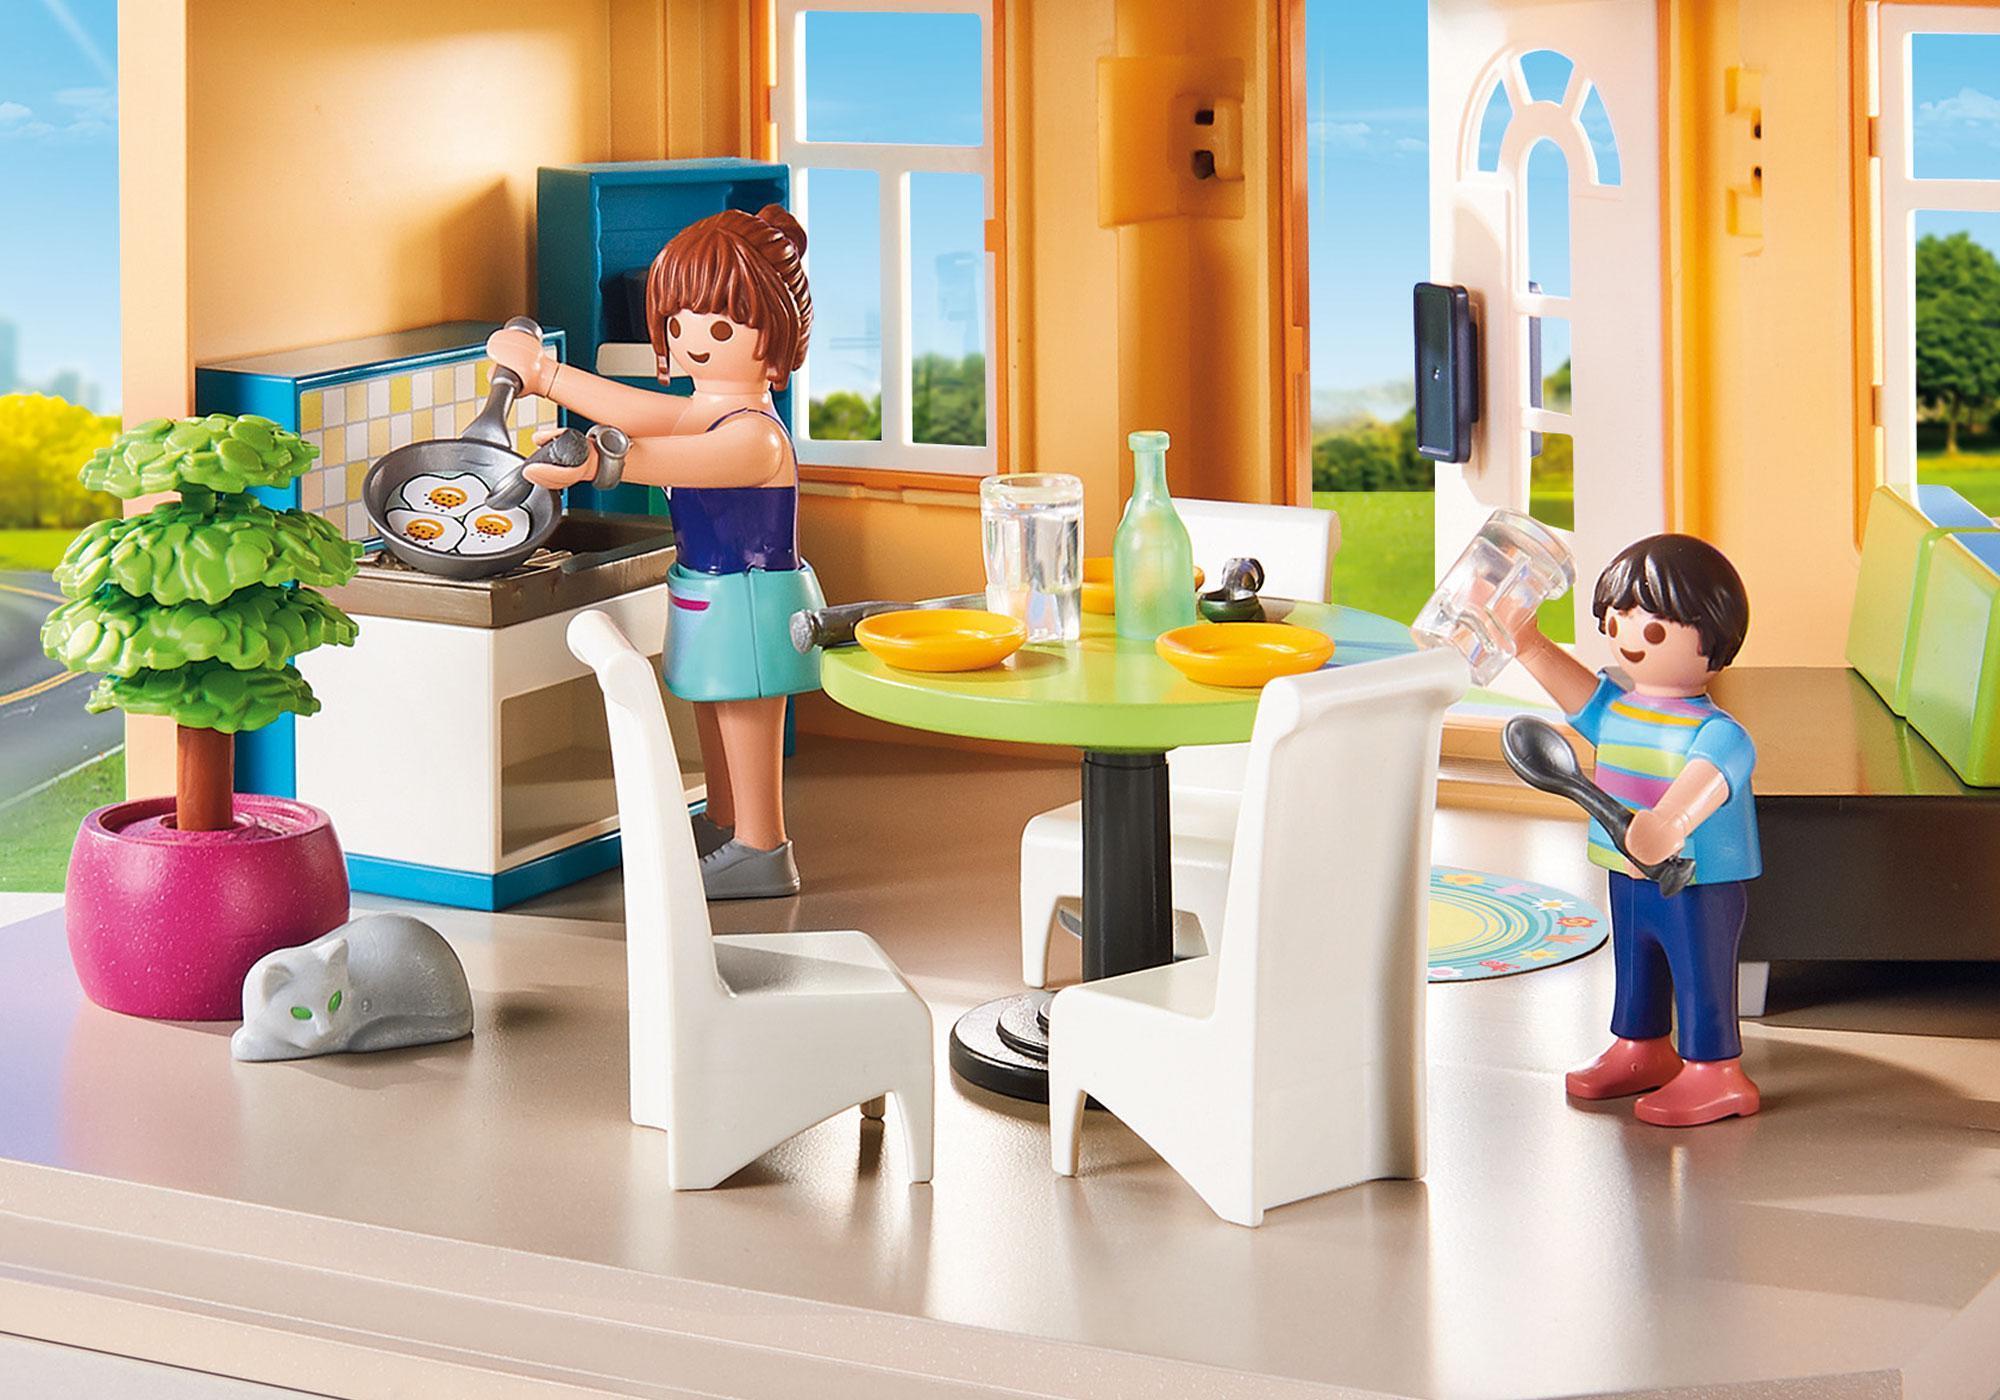 Maison moderne playmobil- petit déjeuner à la maison.